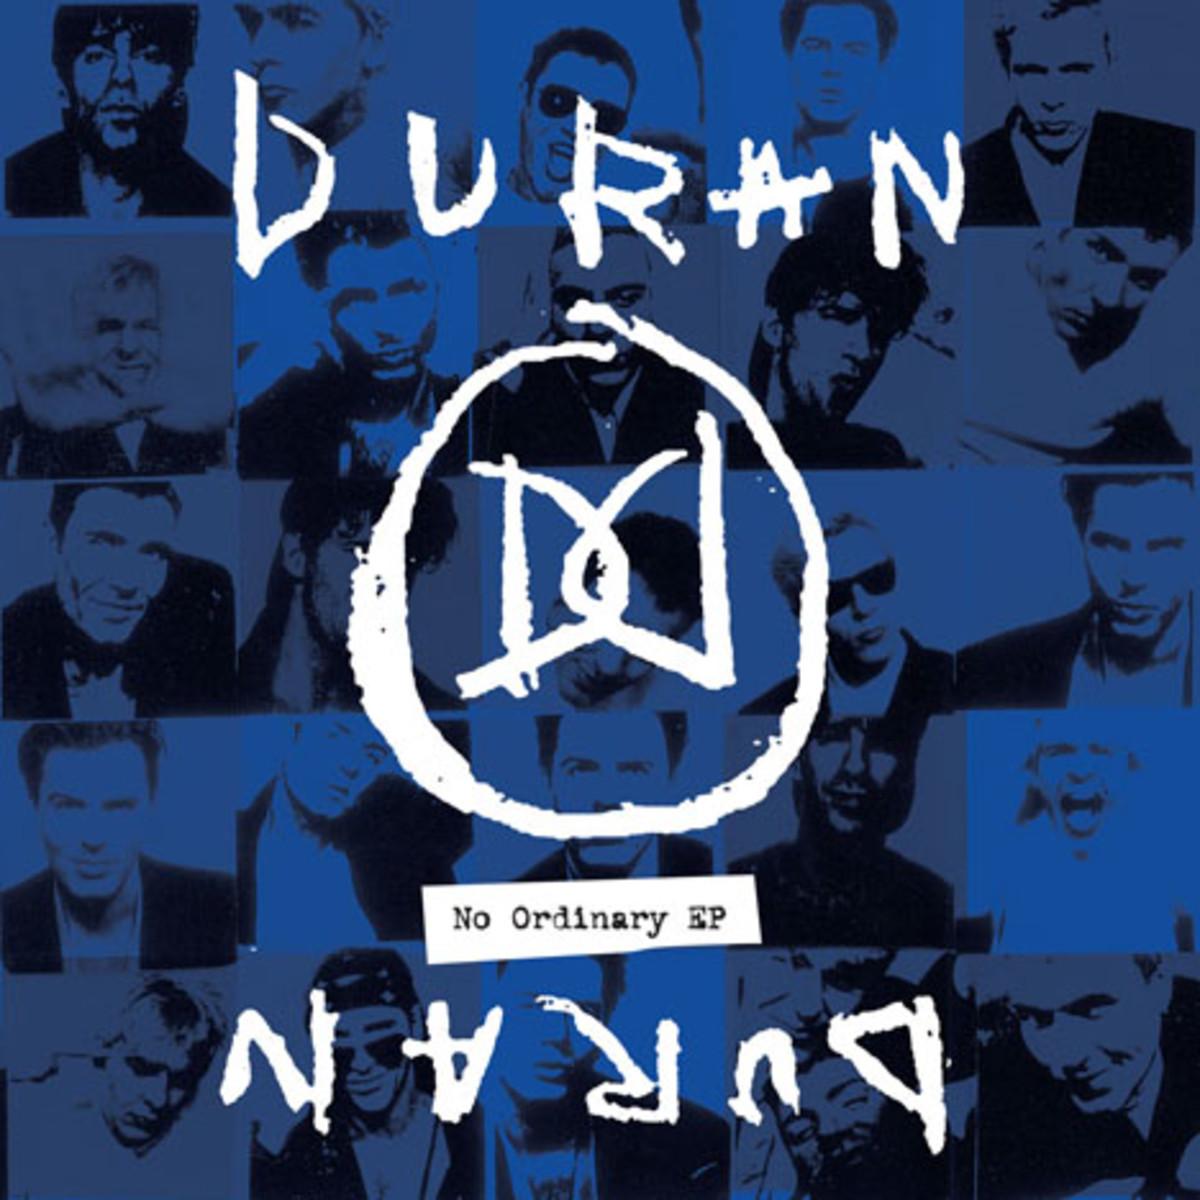 Duran Duran No Ordinary EP Back to Black Friday 2013